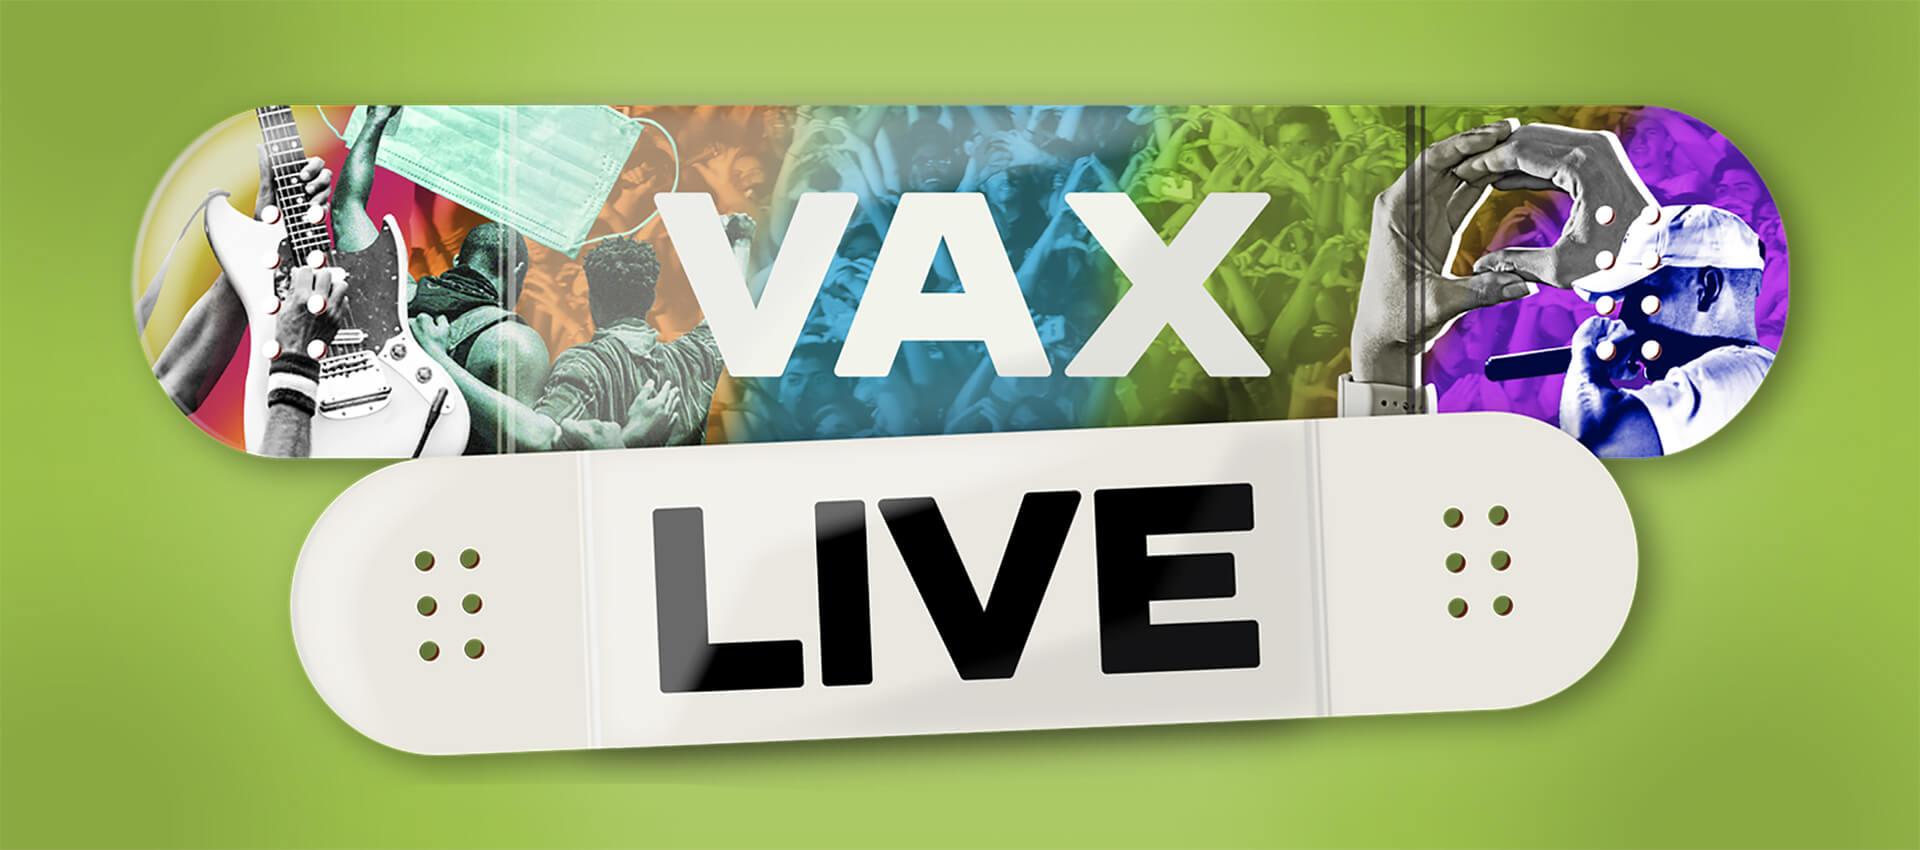 Vax Live: Millones Recaudados en un Concierto Global Con JLo Como Protagonista